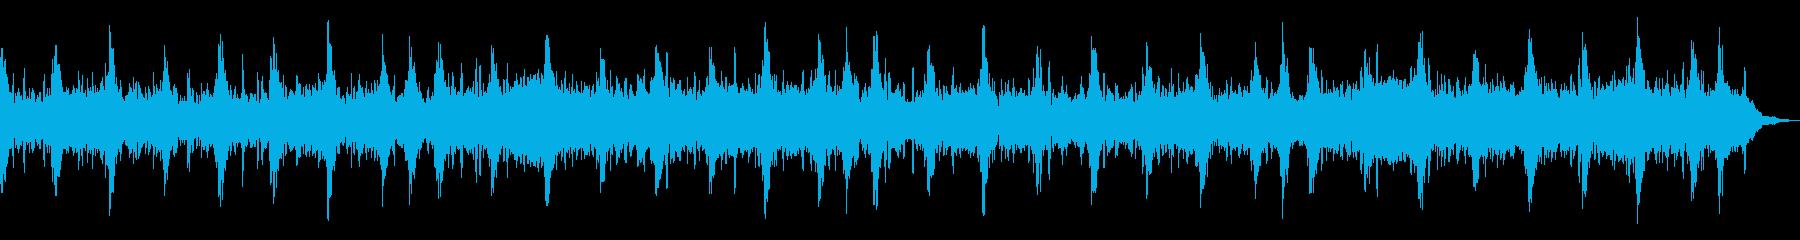 生命自然感動宇宙アンビエントヒーリングbの再生済みの波形